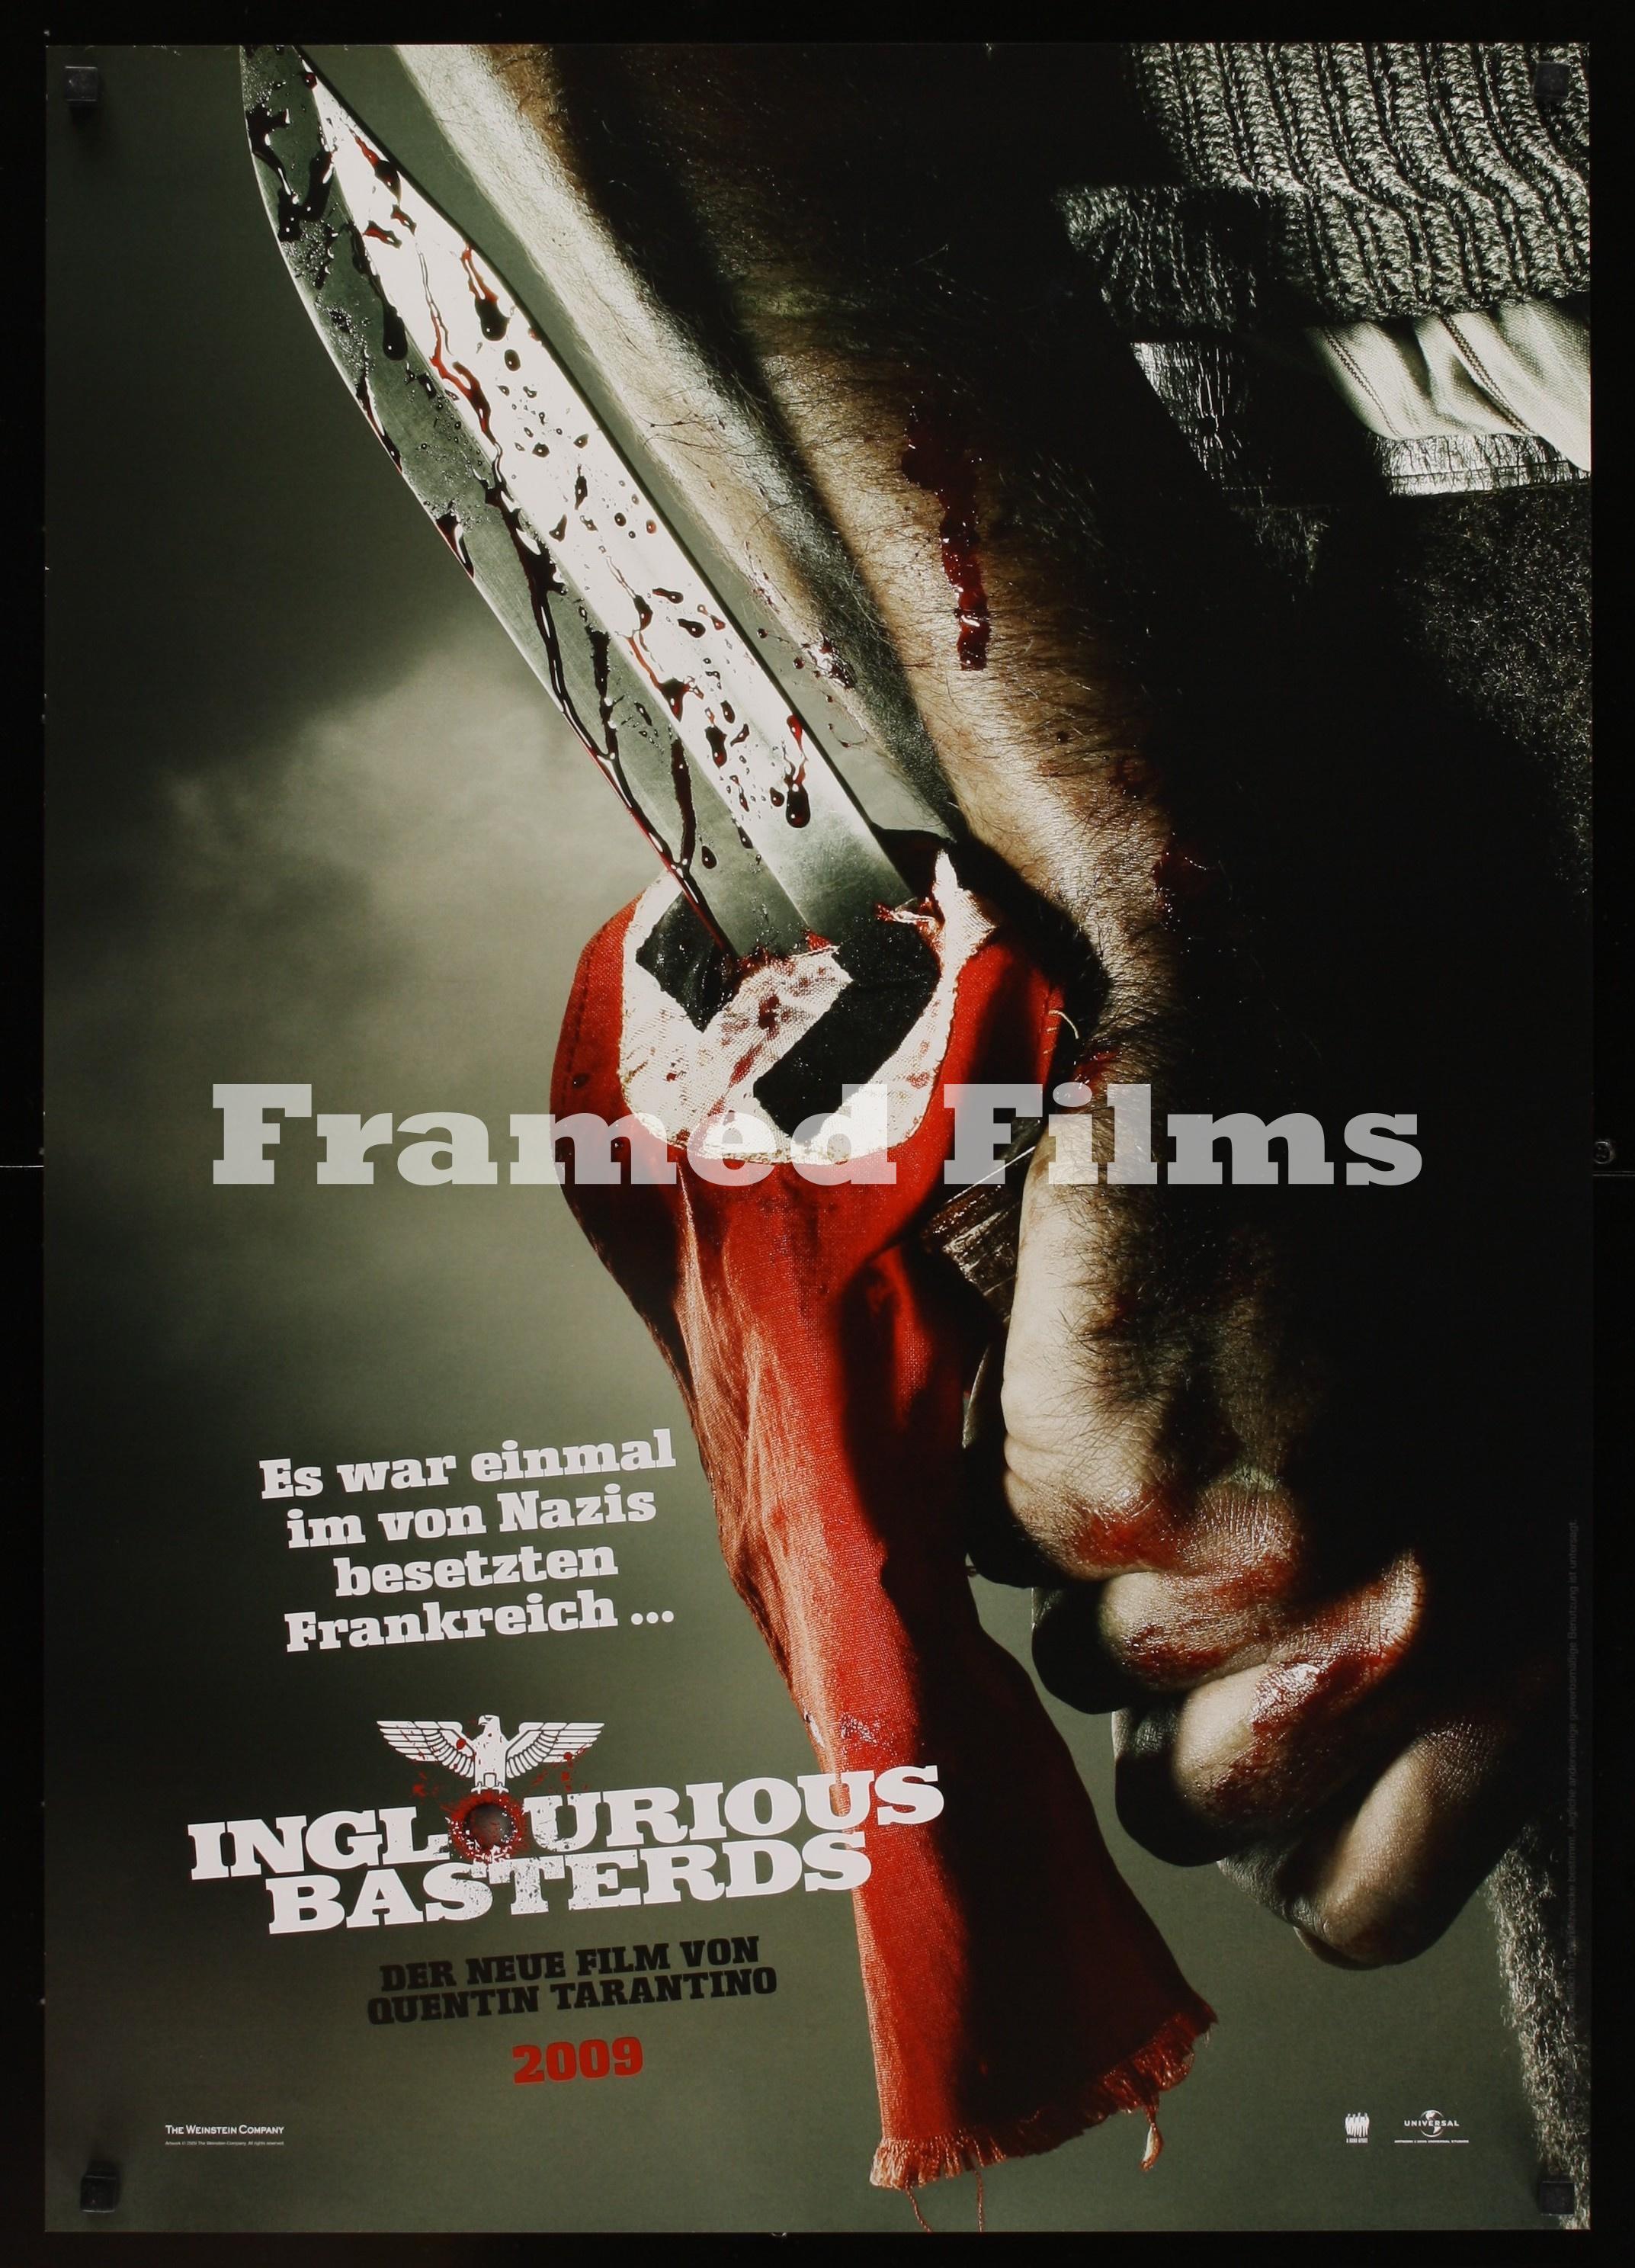 german_a1_inglourious_basterds_teaser_knife_style_NZ03455_L.jpg